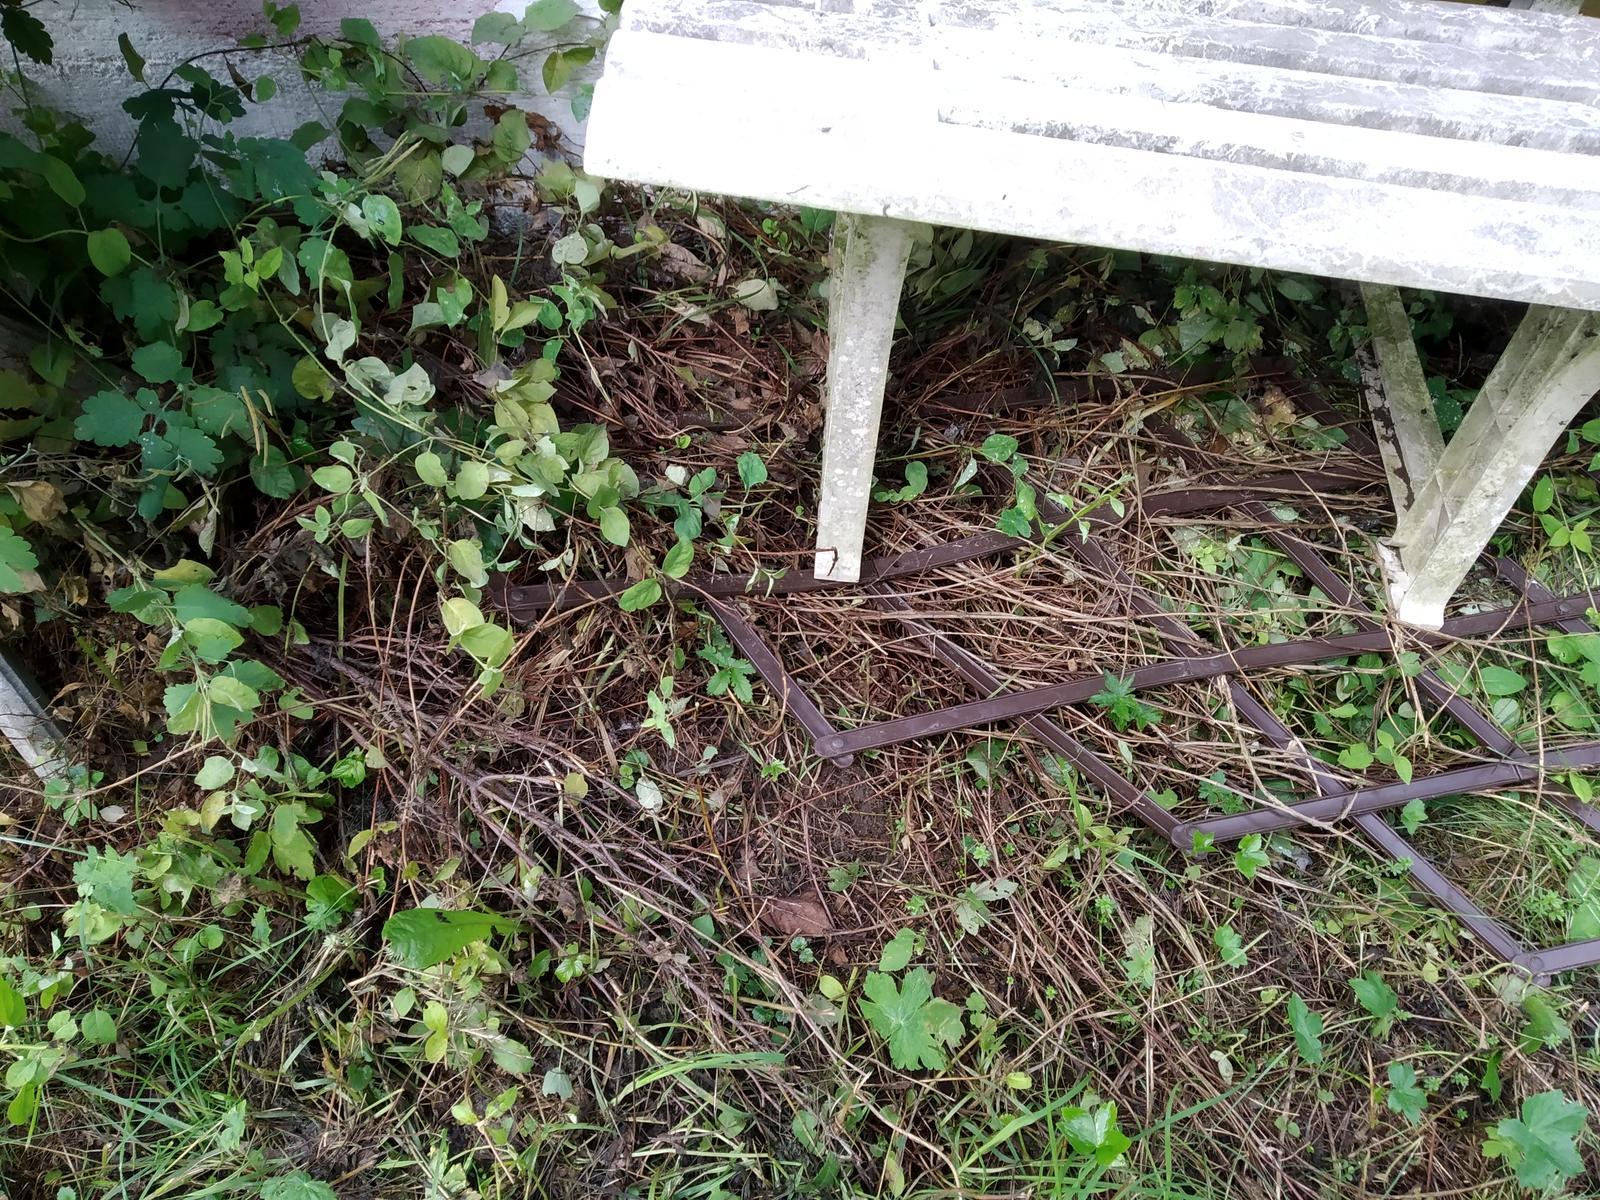 Babkina záhrada - Asi plamienok. Bol aj plôtik, keď sa dám do poriadku teraz najbližšie, opravím plôtik aj lavičku. Tá by potrebovala wapku a nový náter